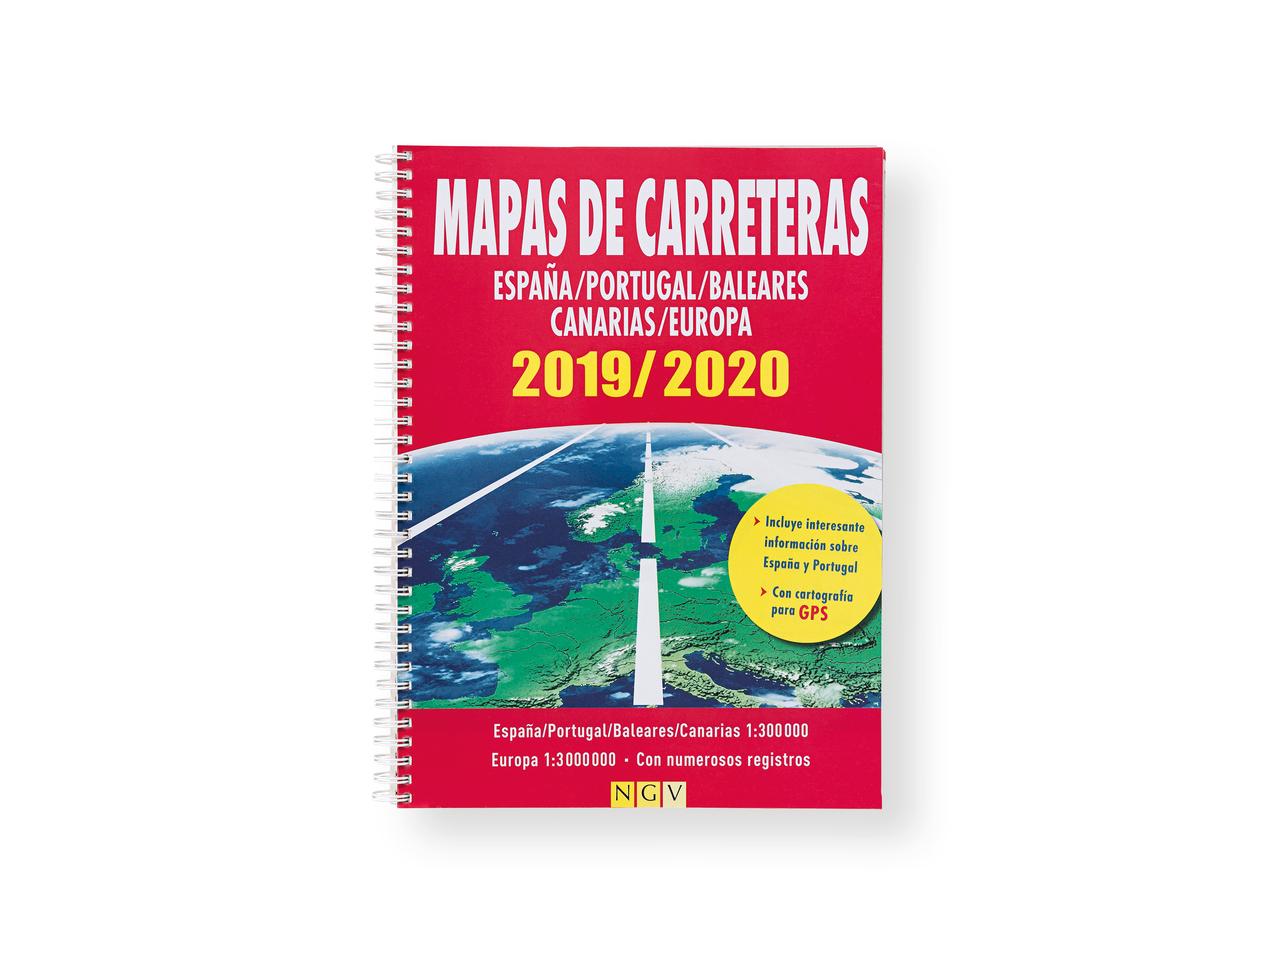 Mapas De Carreteras 2019 2020 Lidl Espana Specials Archive